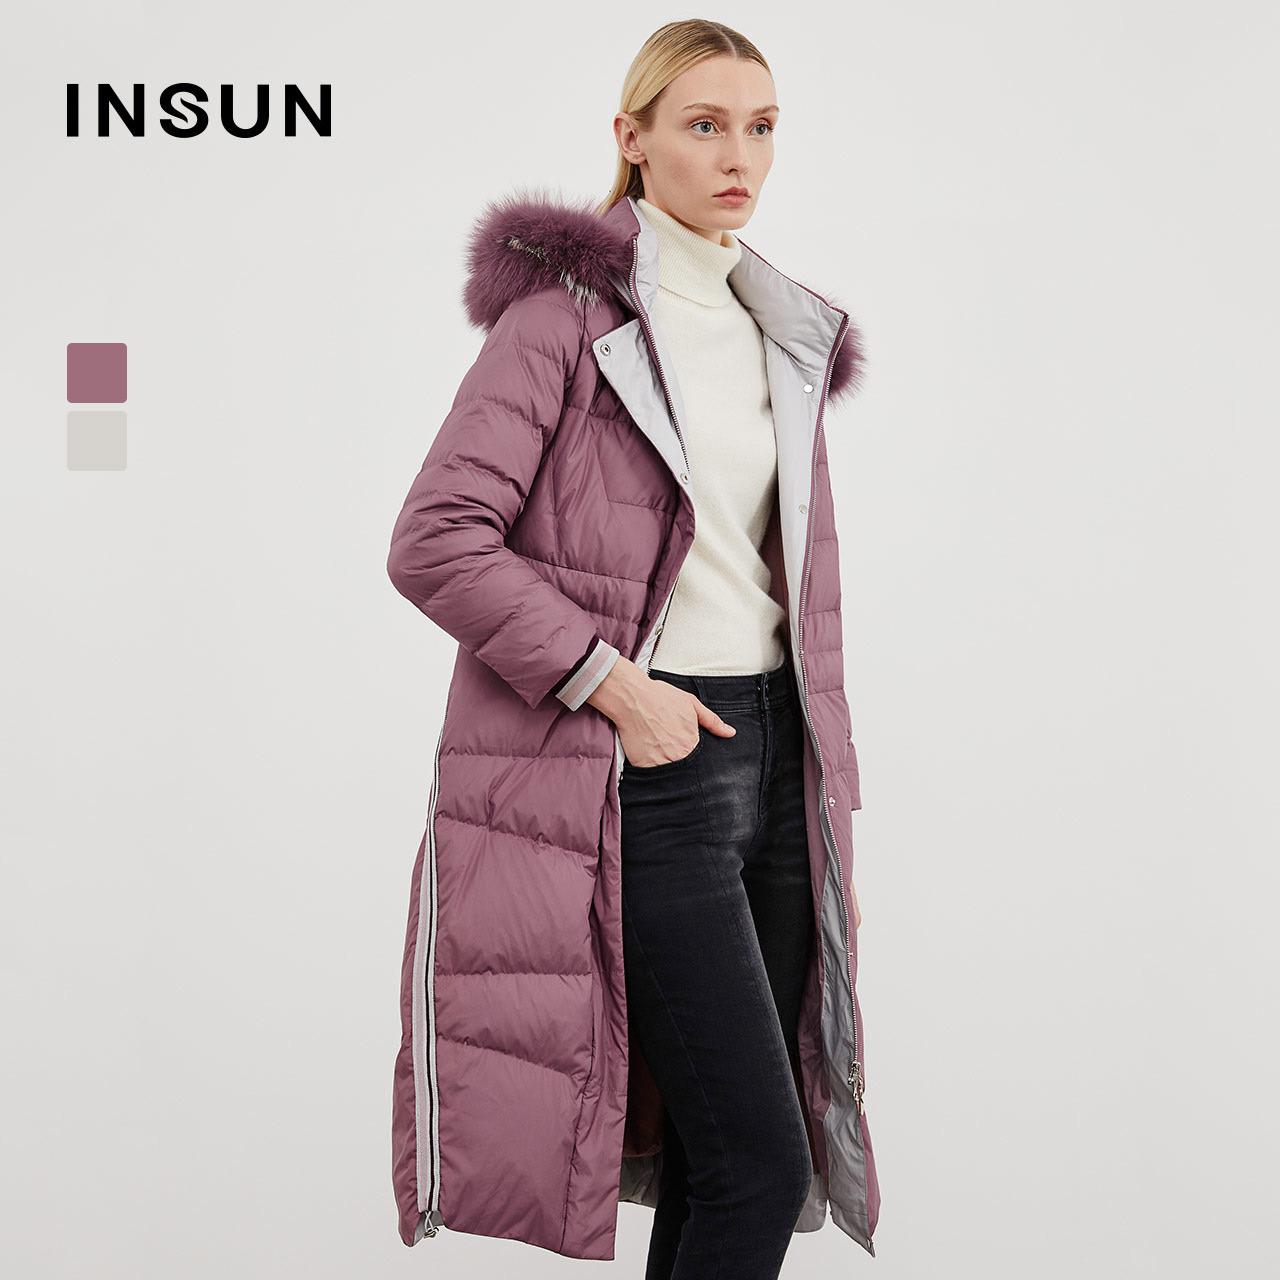 insun/恩裳保暖白鹅绒狐狸毛领羽绒服外套